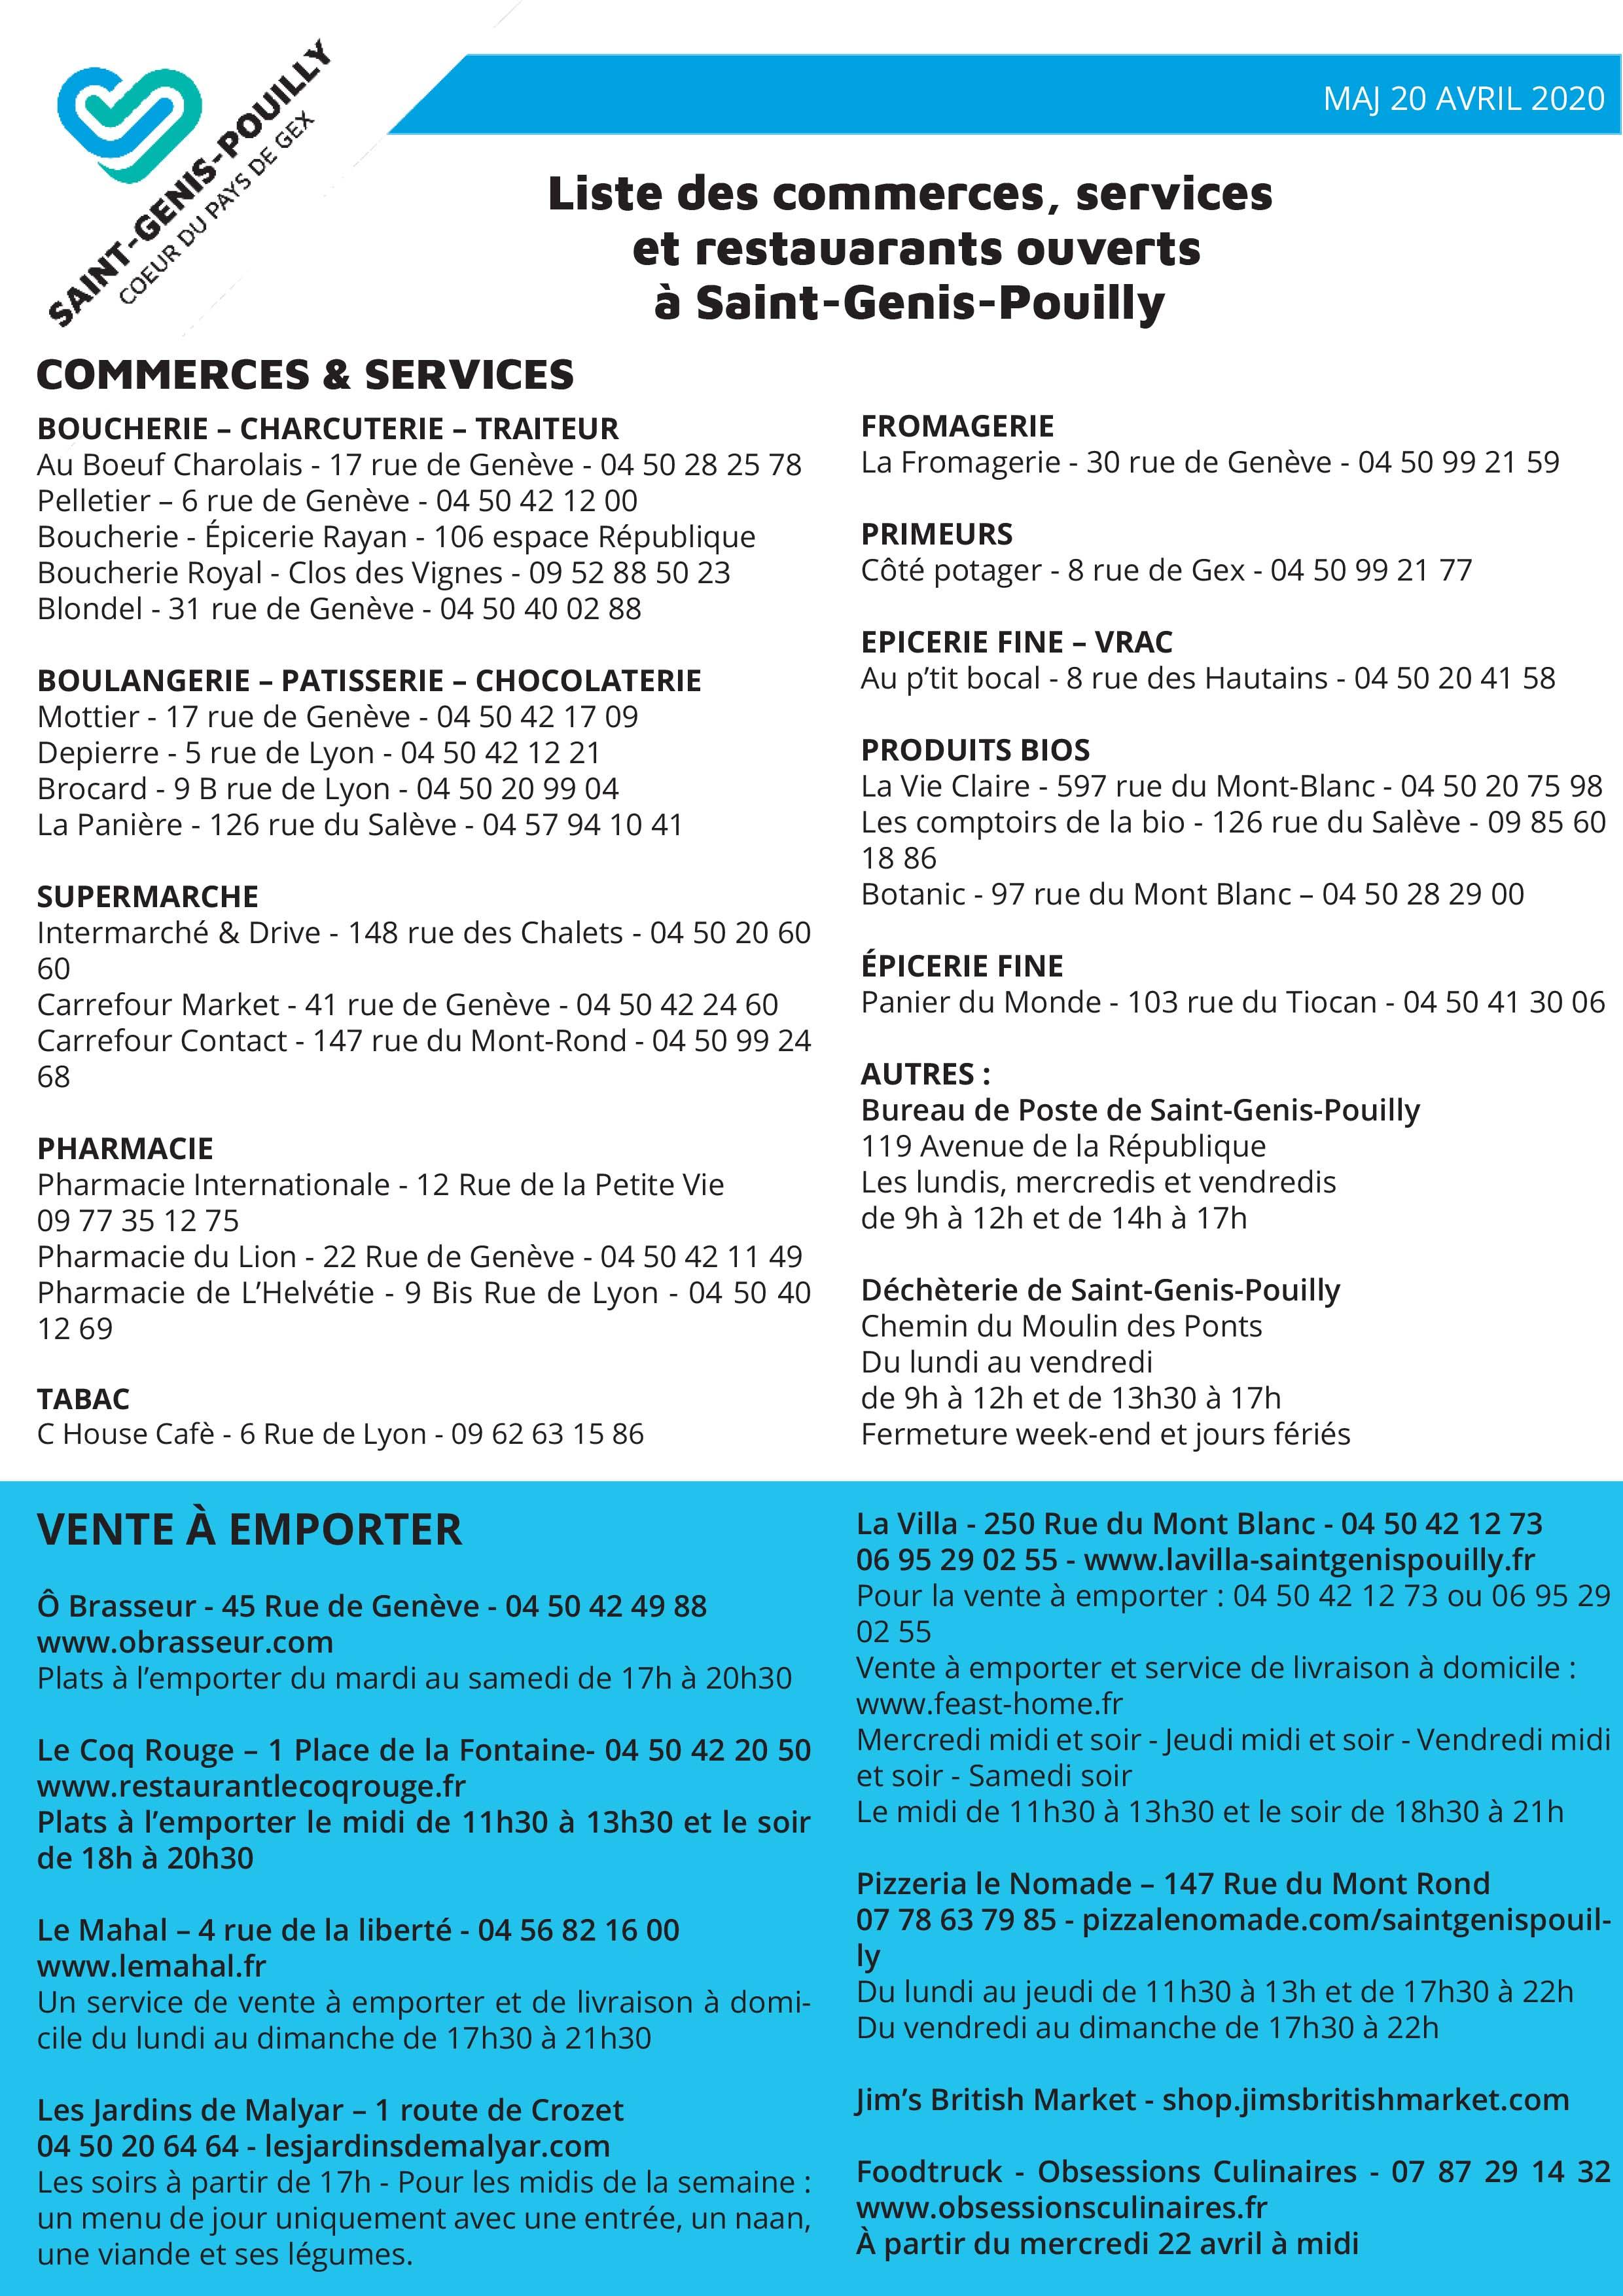 200420_liste_commerces_de_proximite_ouverts_a_saint-genis-pouilly.jpg